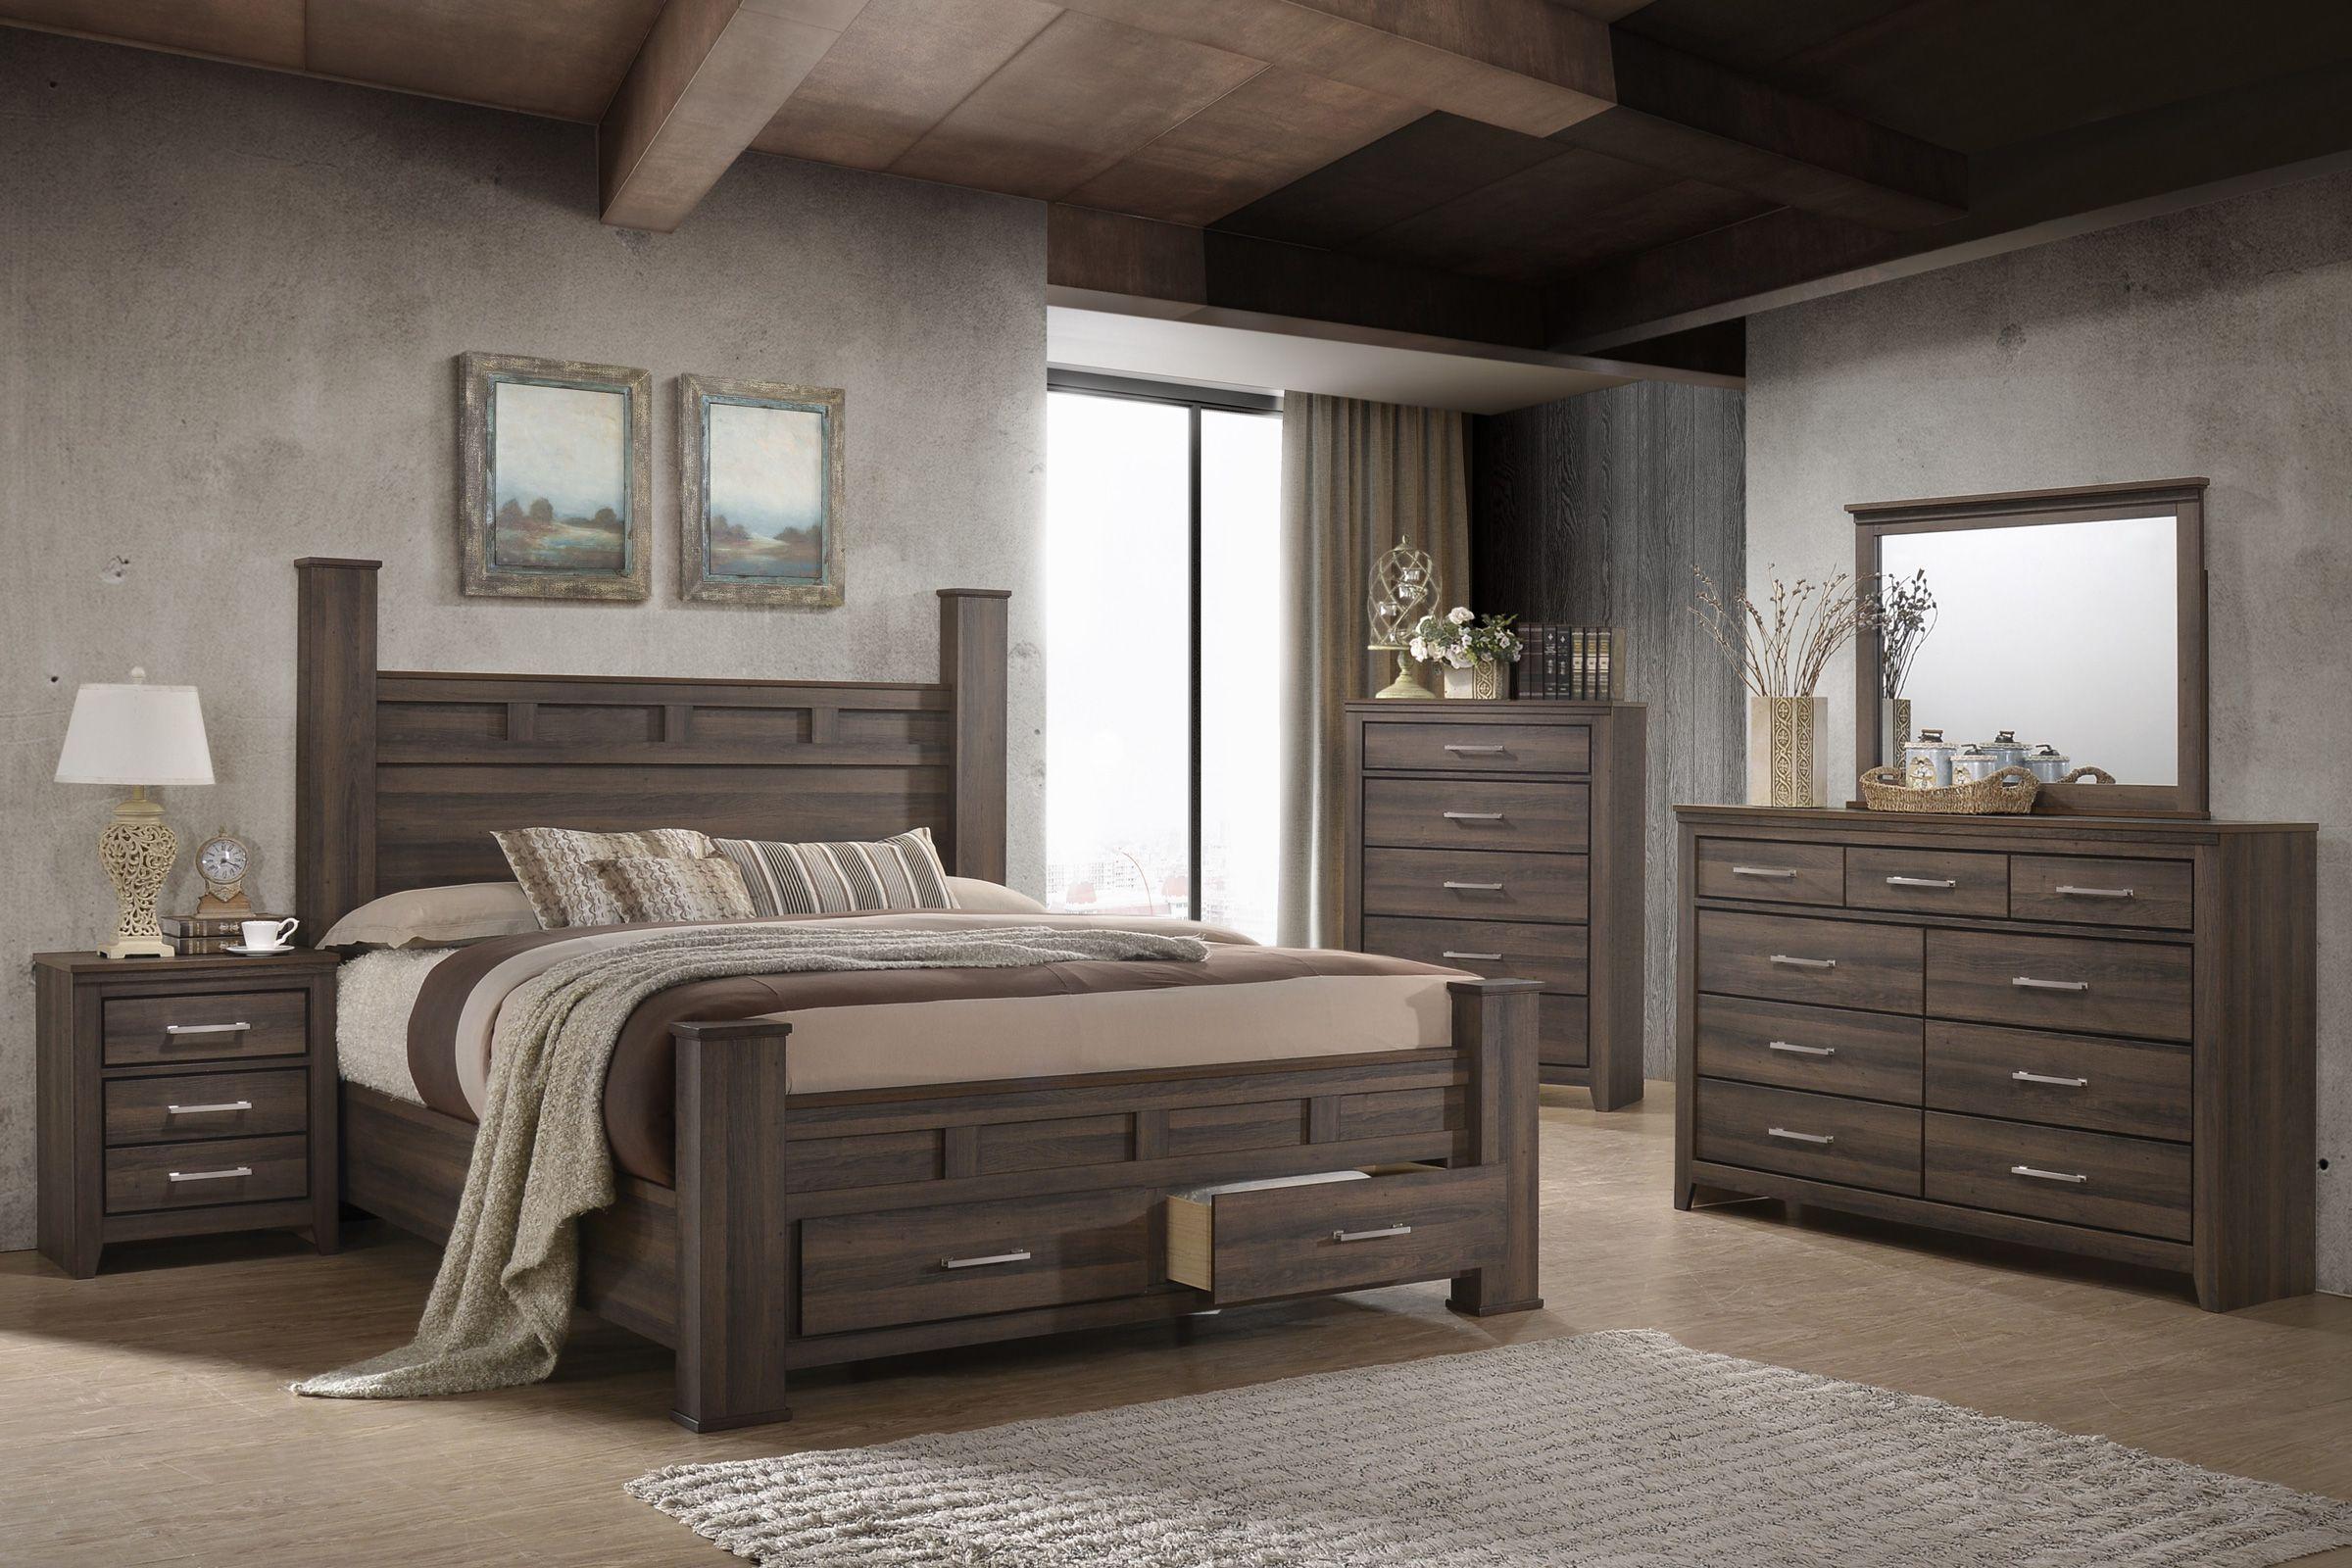 Danville 5-Piece Queen Bedroom Set at Gardner-White